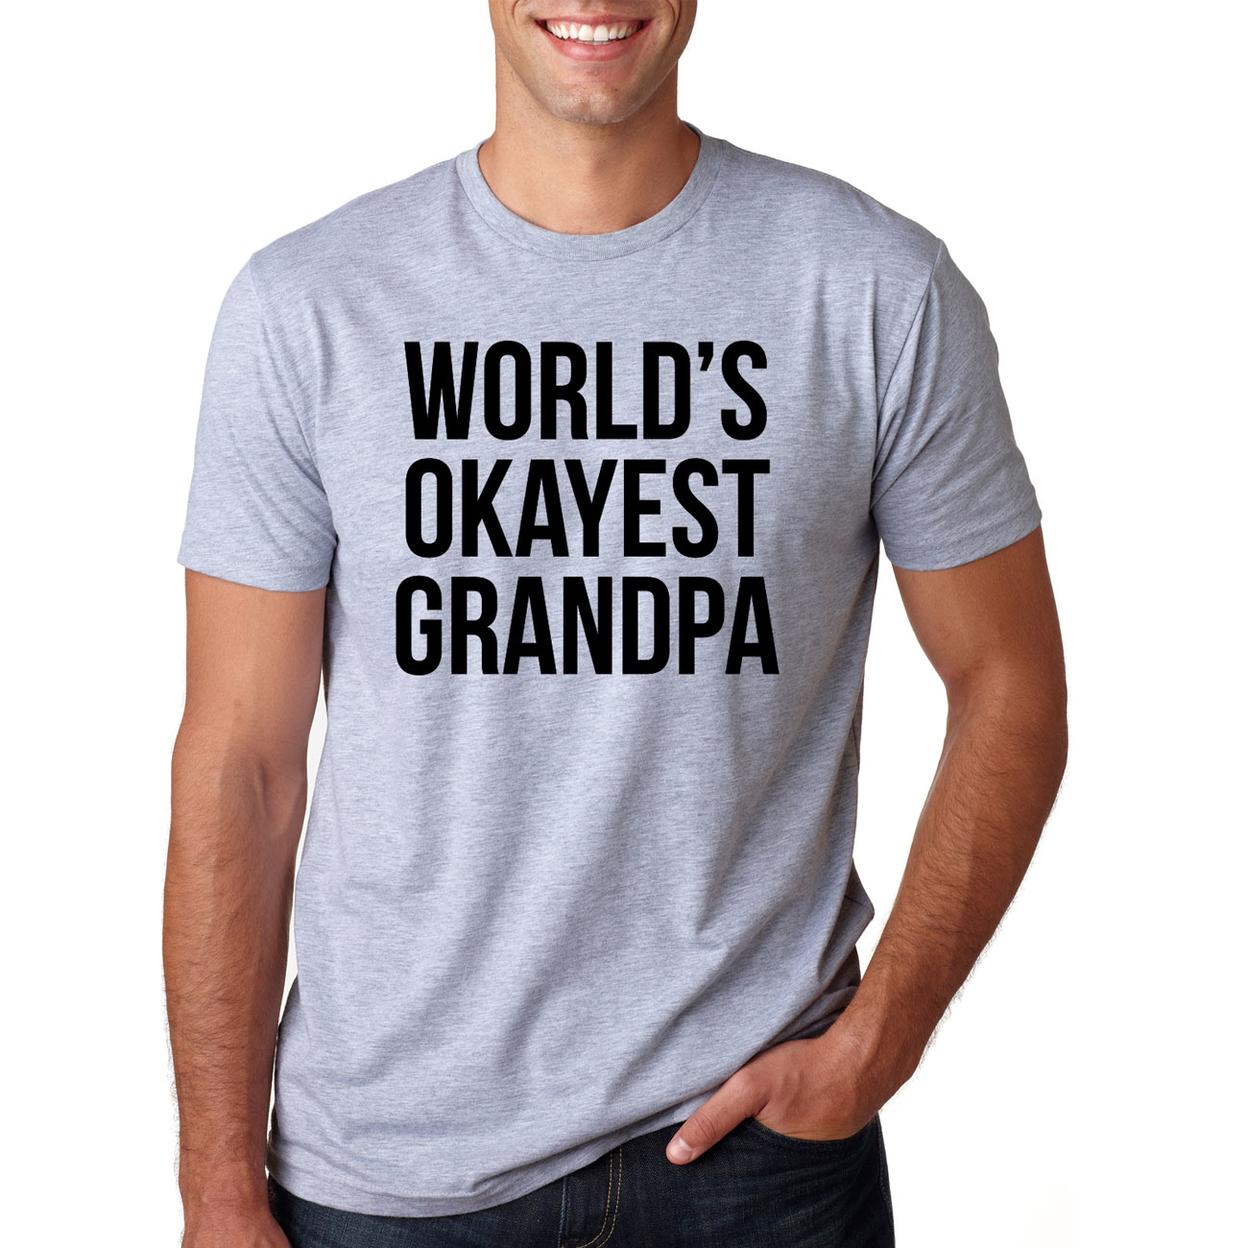 World's Okayest Grandpa Shirt - Mens Small 5506f6d74f3d6f63758b66b2